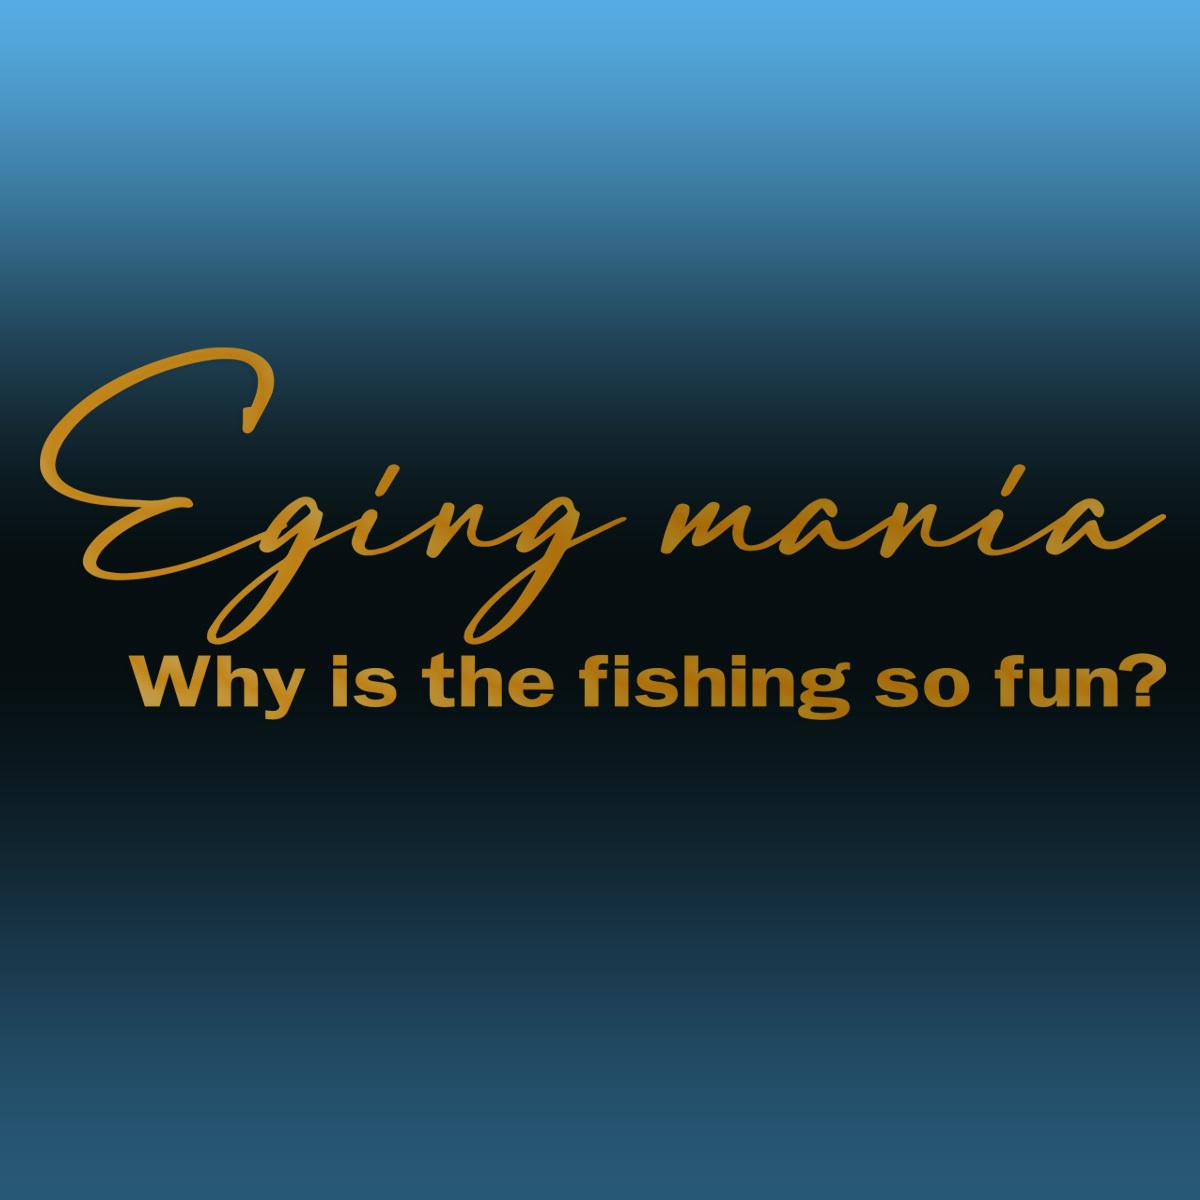 Sportsmindではなくて、エギングマニア 餌木釣りステッカー Why is the fishing so fun?どうして釣りはこんなに楽しいのか?NO521E_画像1